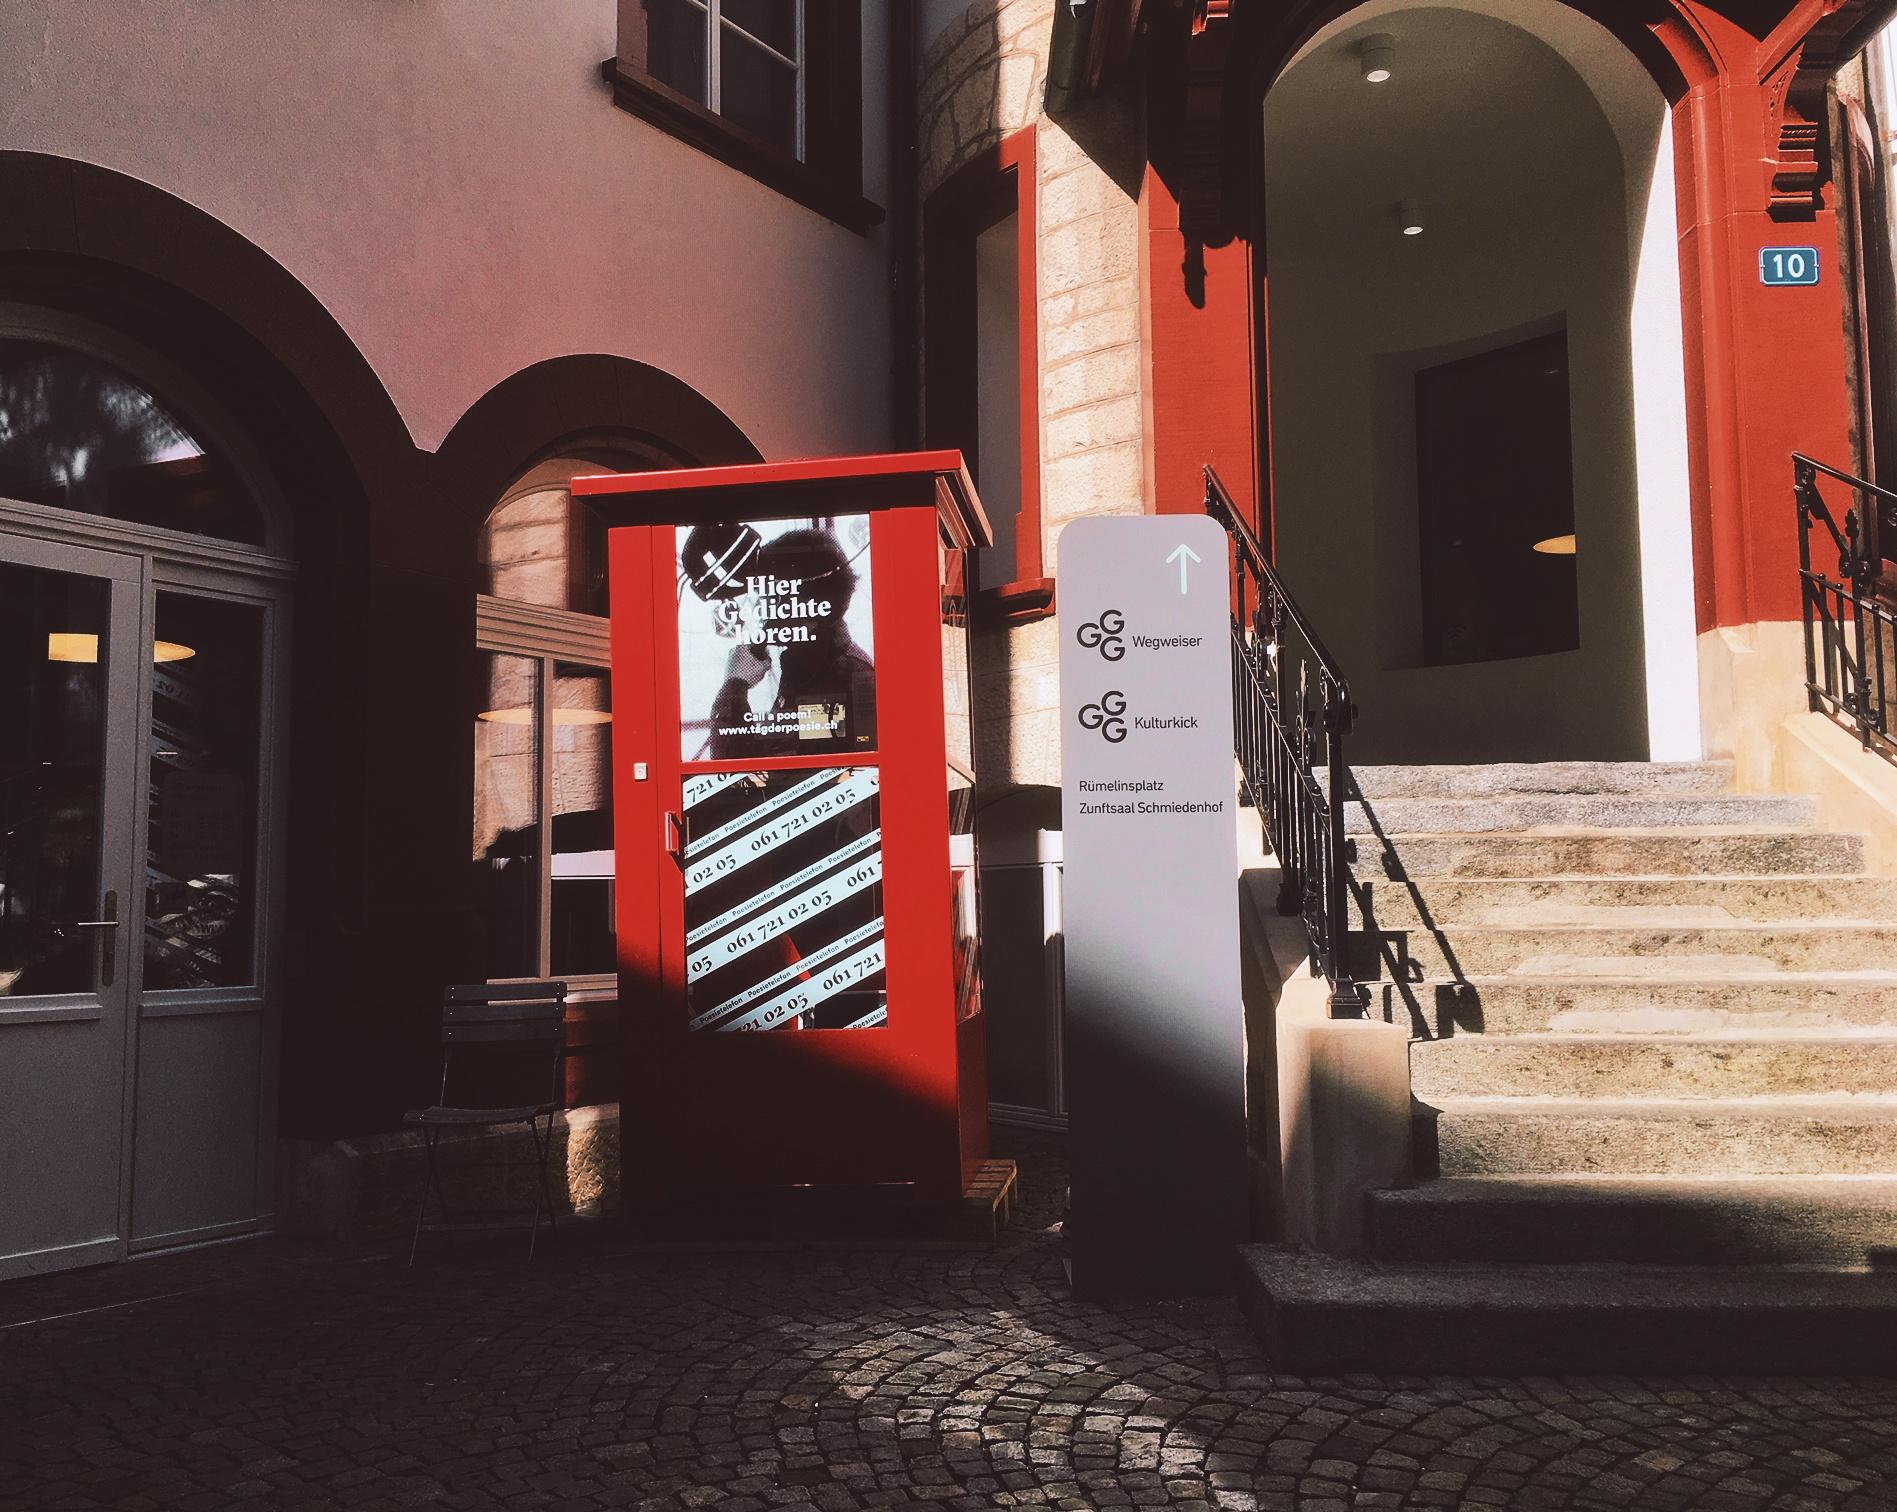 Die Kabine zieht nochmals um und findet ab Mitte September 2019 eine erste längere Bleibe im Schmiedenhof bei der GGG Stadtbibliothek.